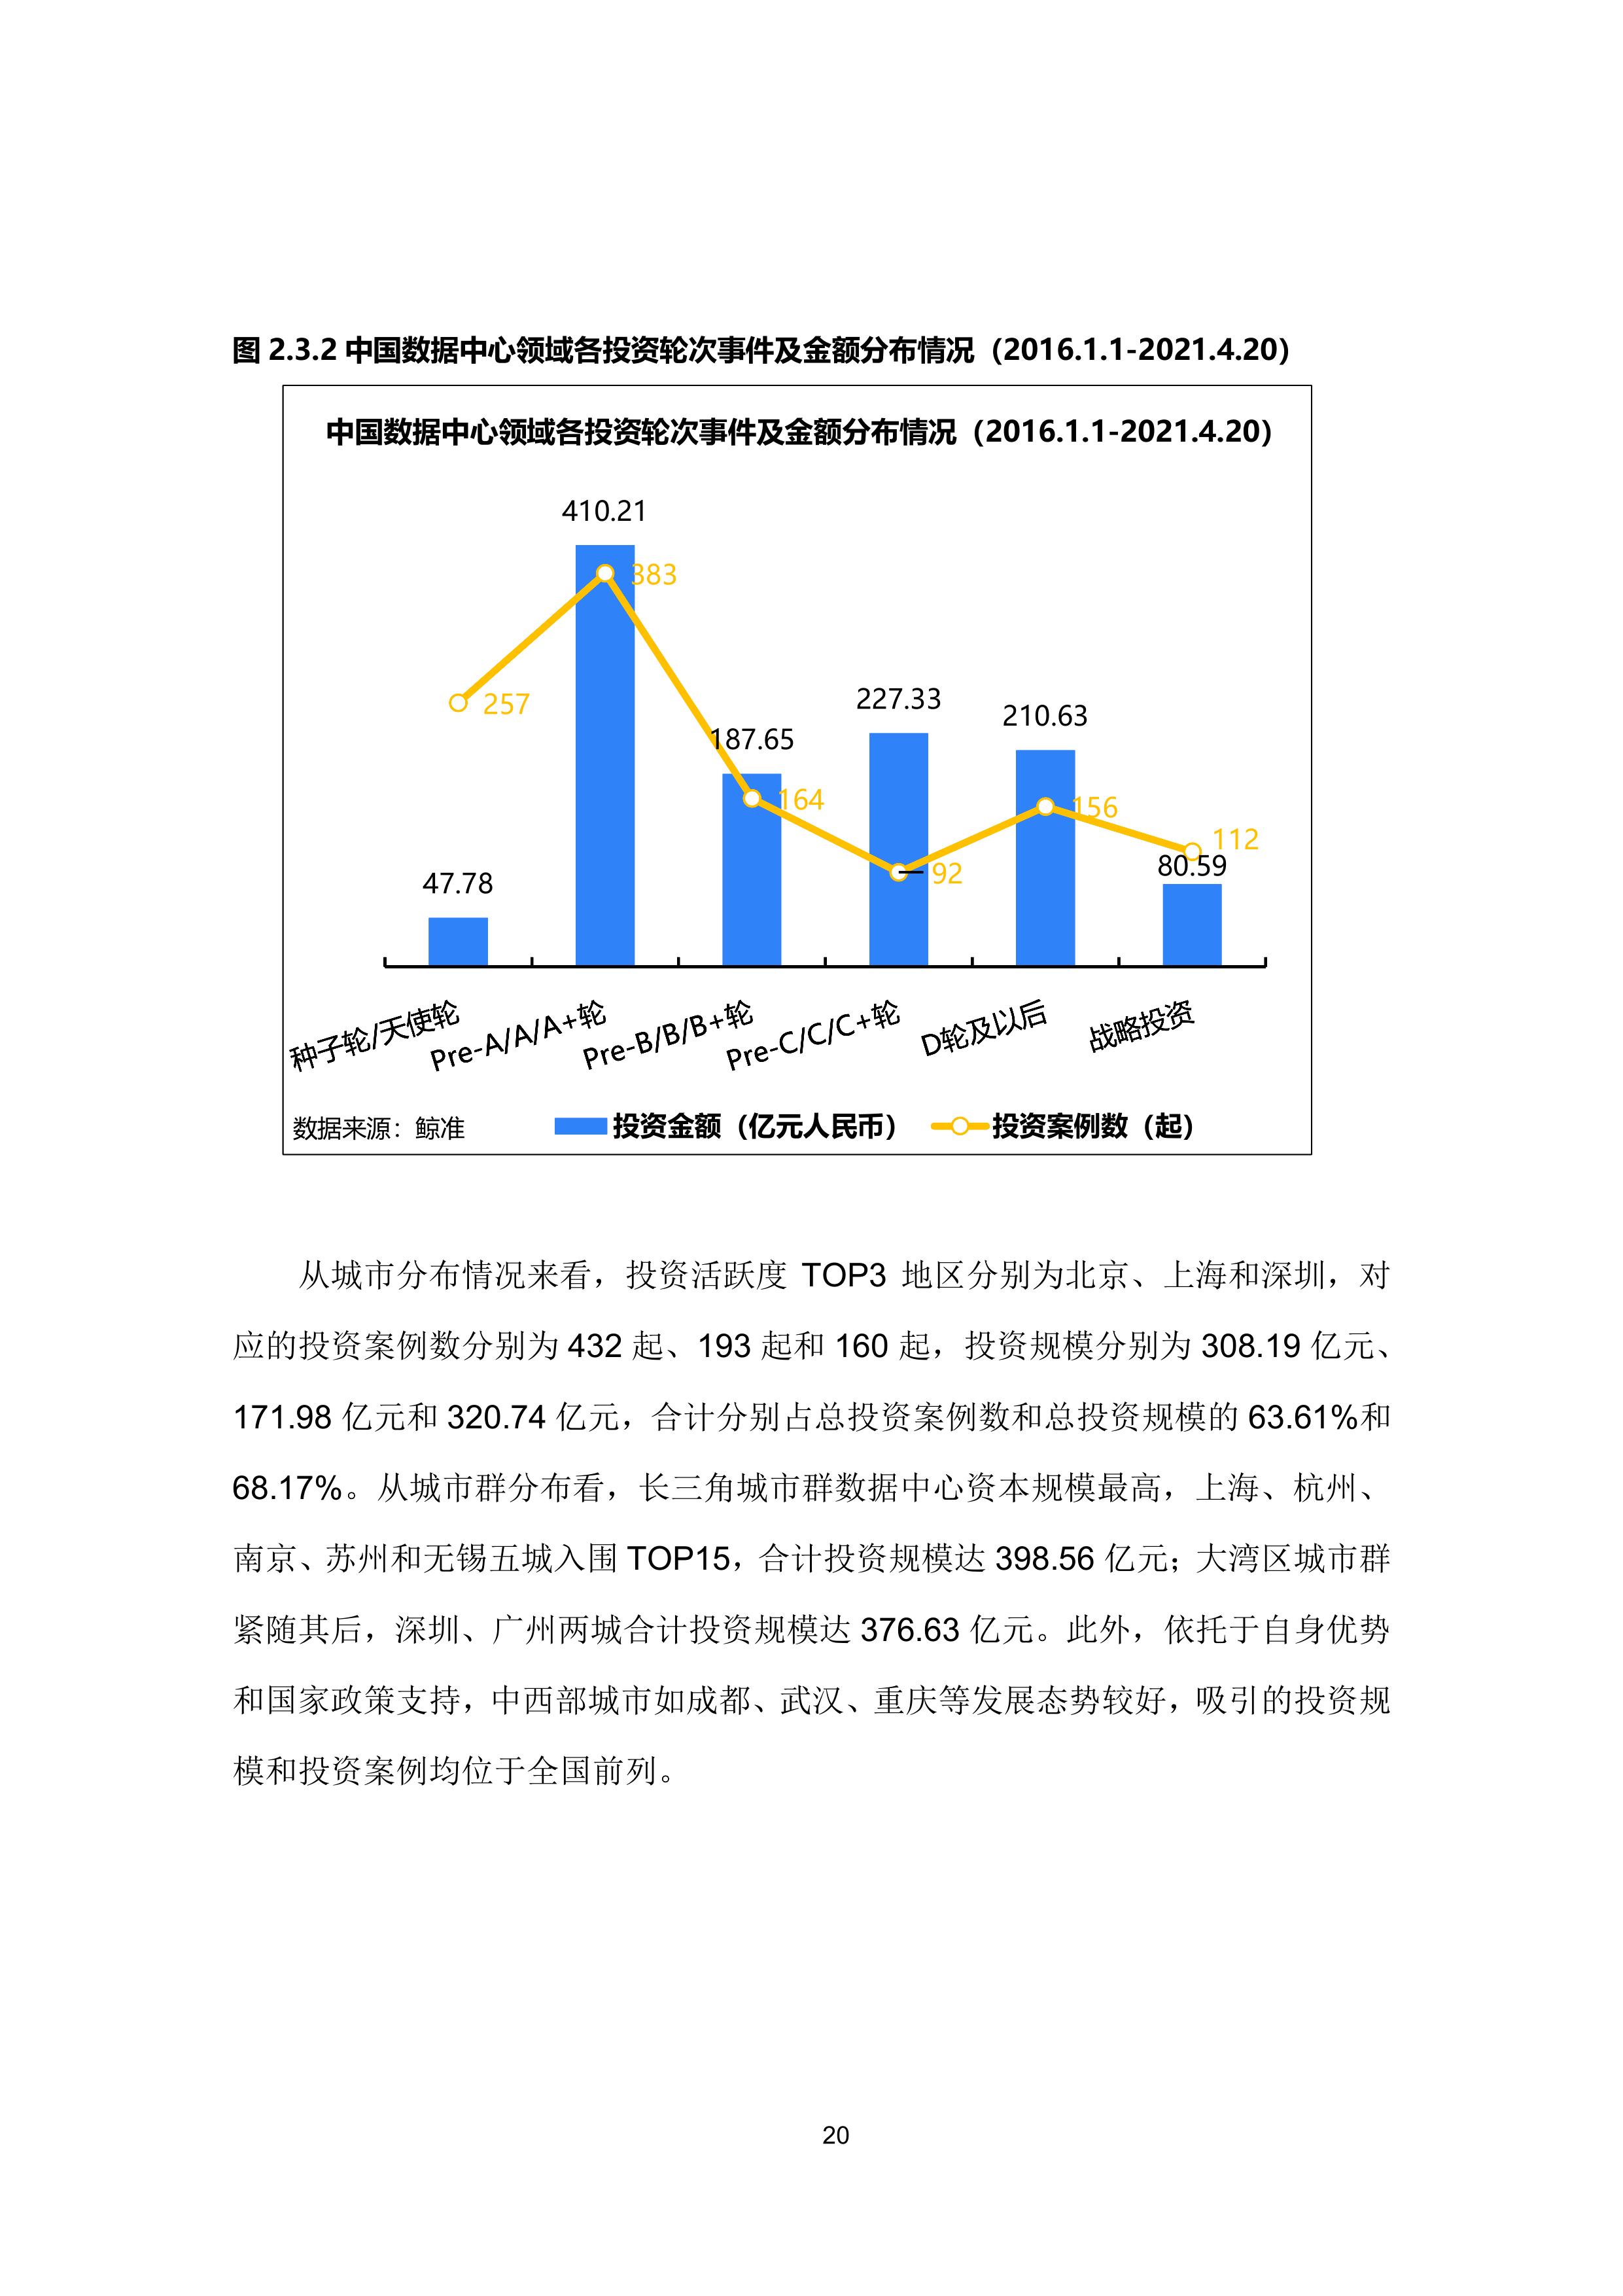 36氪研究院 - 新基建系列之:2020年中国城市数据中心发展指数报告-大菠萝官网(图31)